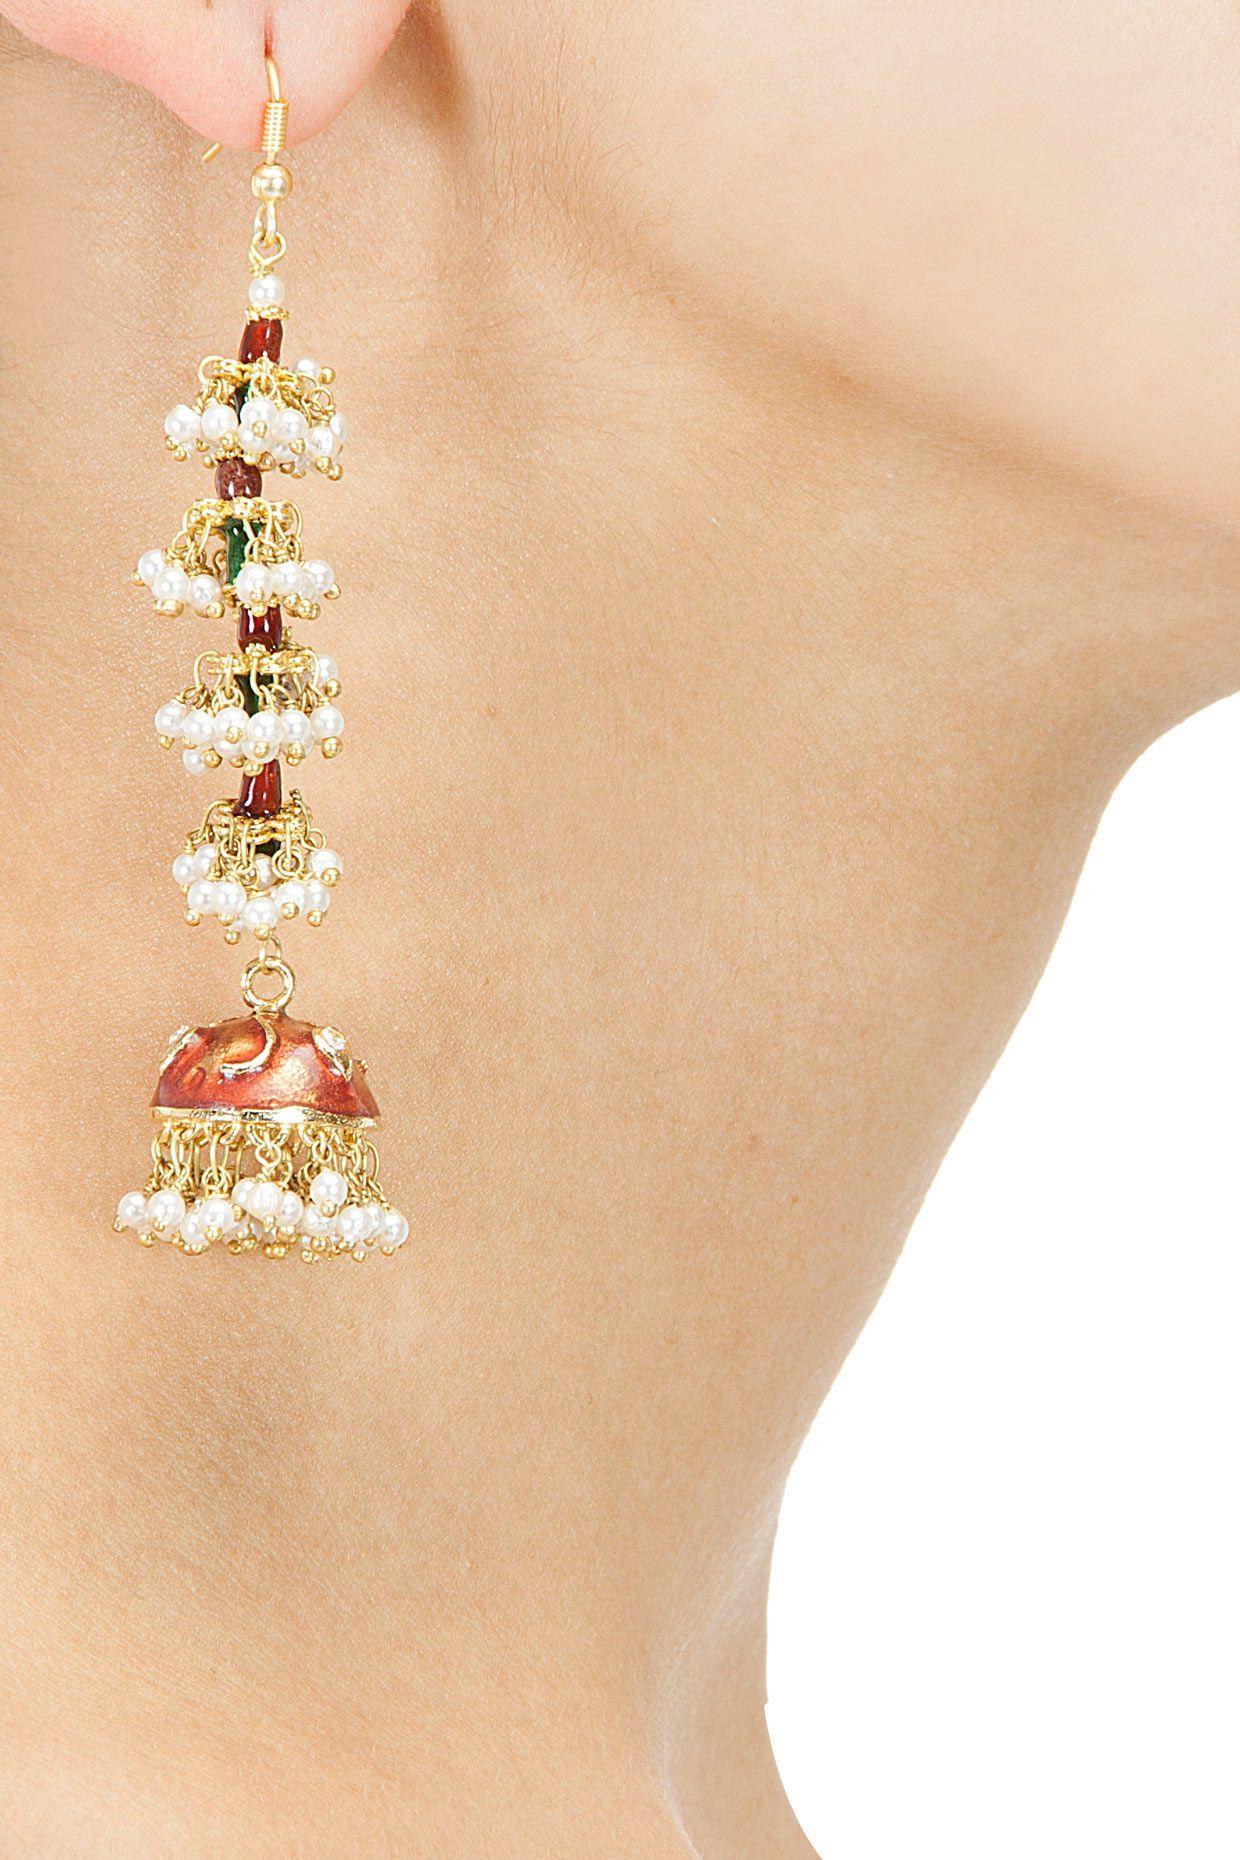 Pearl and meena long jhumki earrings BY ART KARAT Shop now at